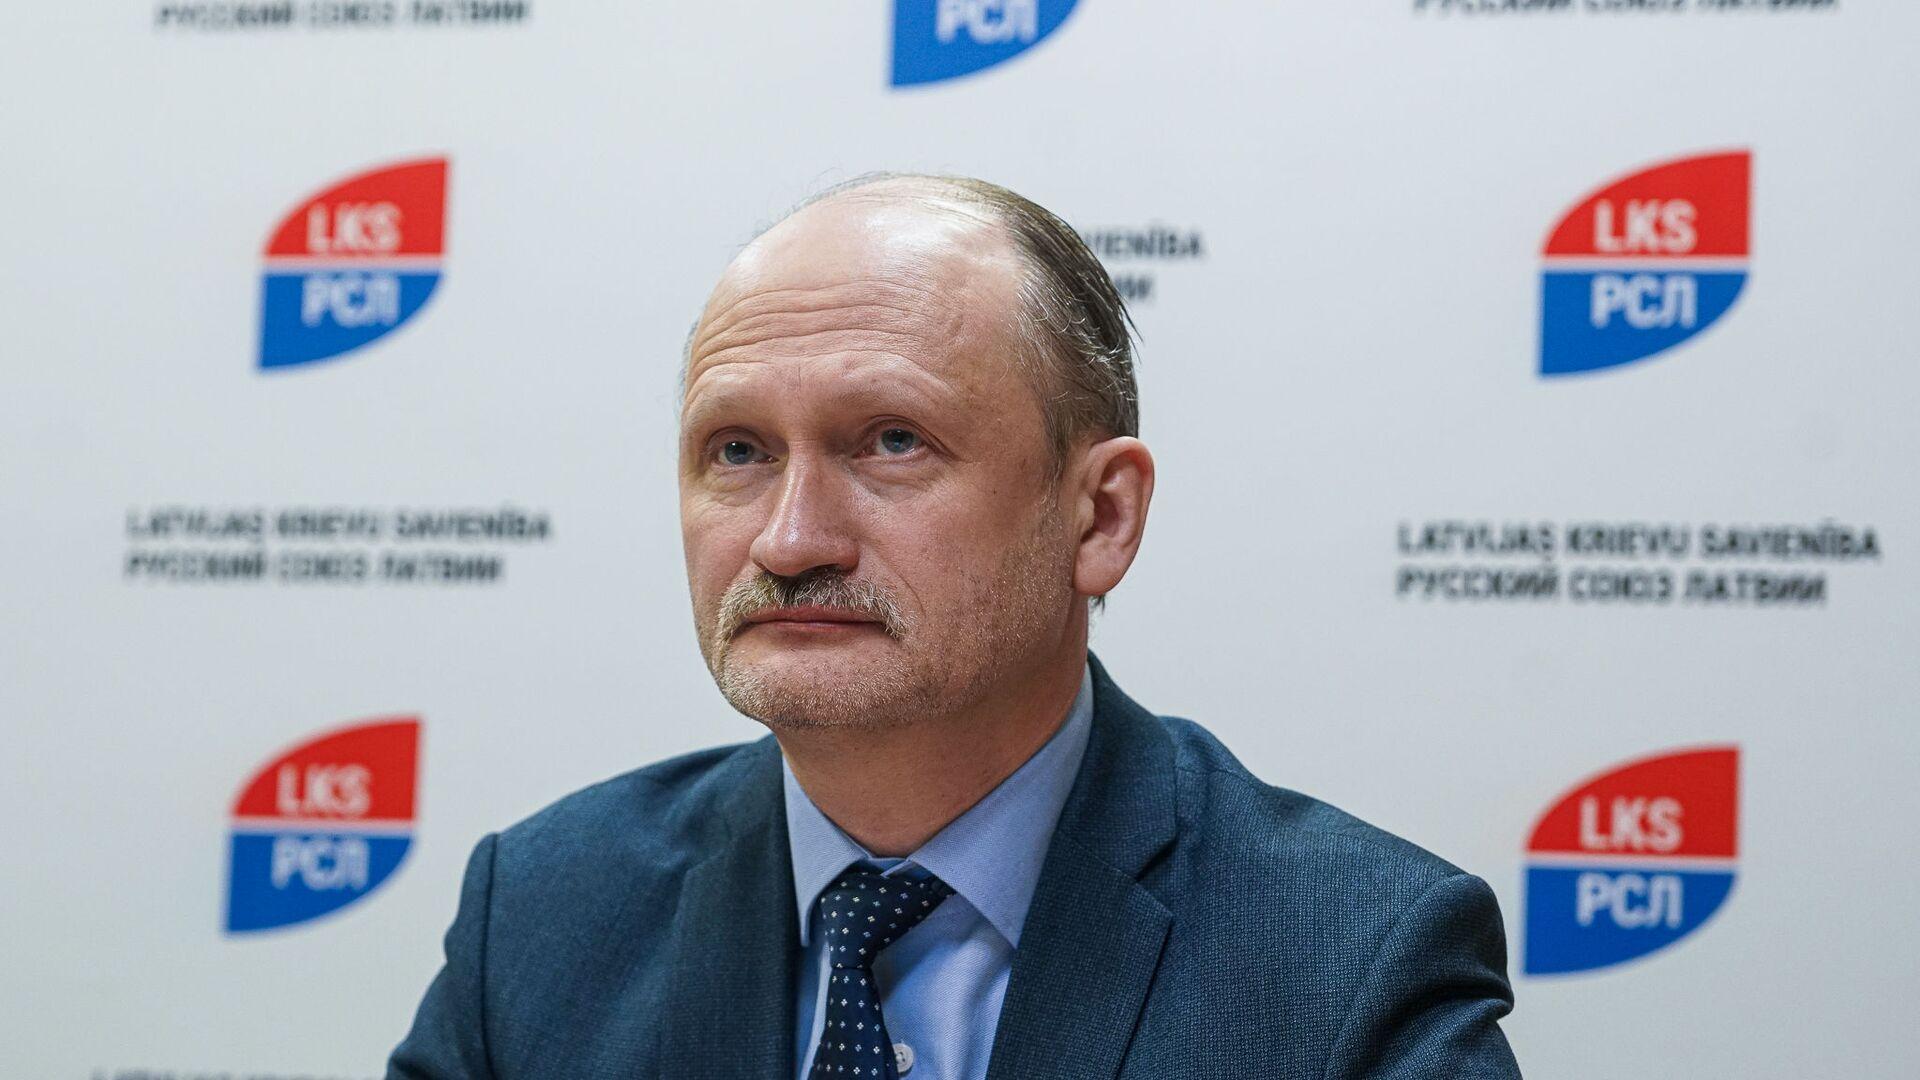 Мирослав Митрофанов, сопредседатель партии Русский союз Латвии - Sputnik Латвия, 1920, 27.04.2021